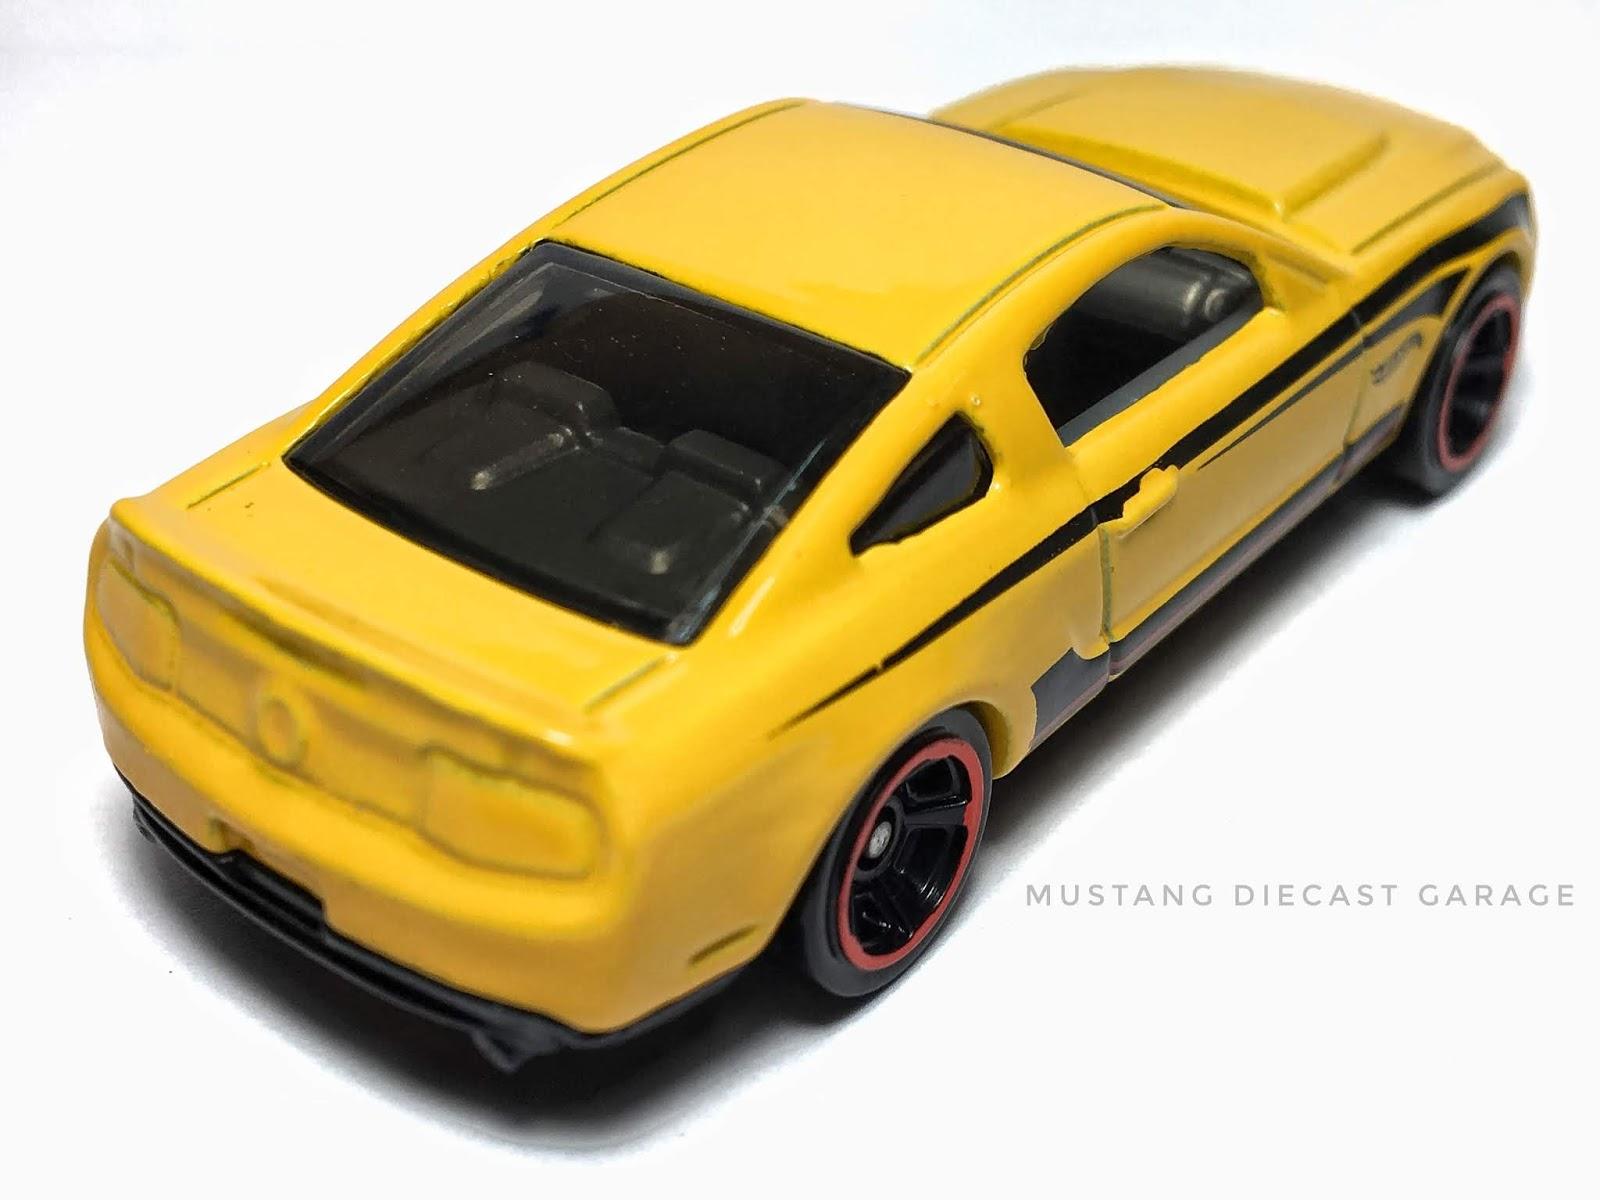 ในส่วนของ Series 2016 HW Mild to Wild นี้ จะมี Mustang 2 แบบ จะประกอบไปด้วย  *2010 Ford Mustang GT (สีเหลือง) *13 Ford Mustang GT (สีเหลือง)